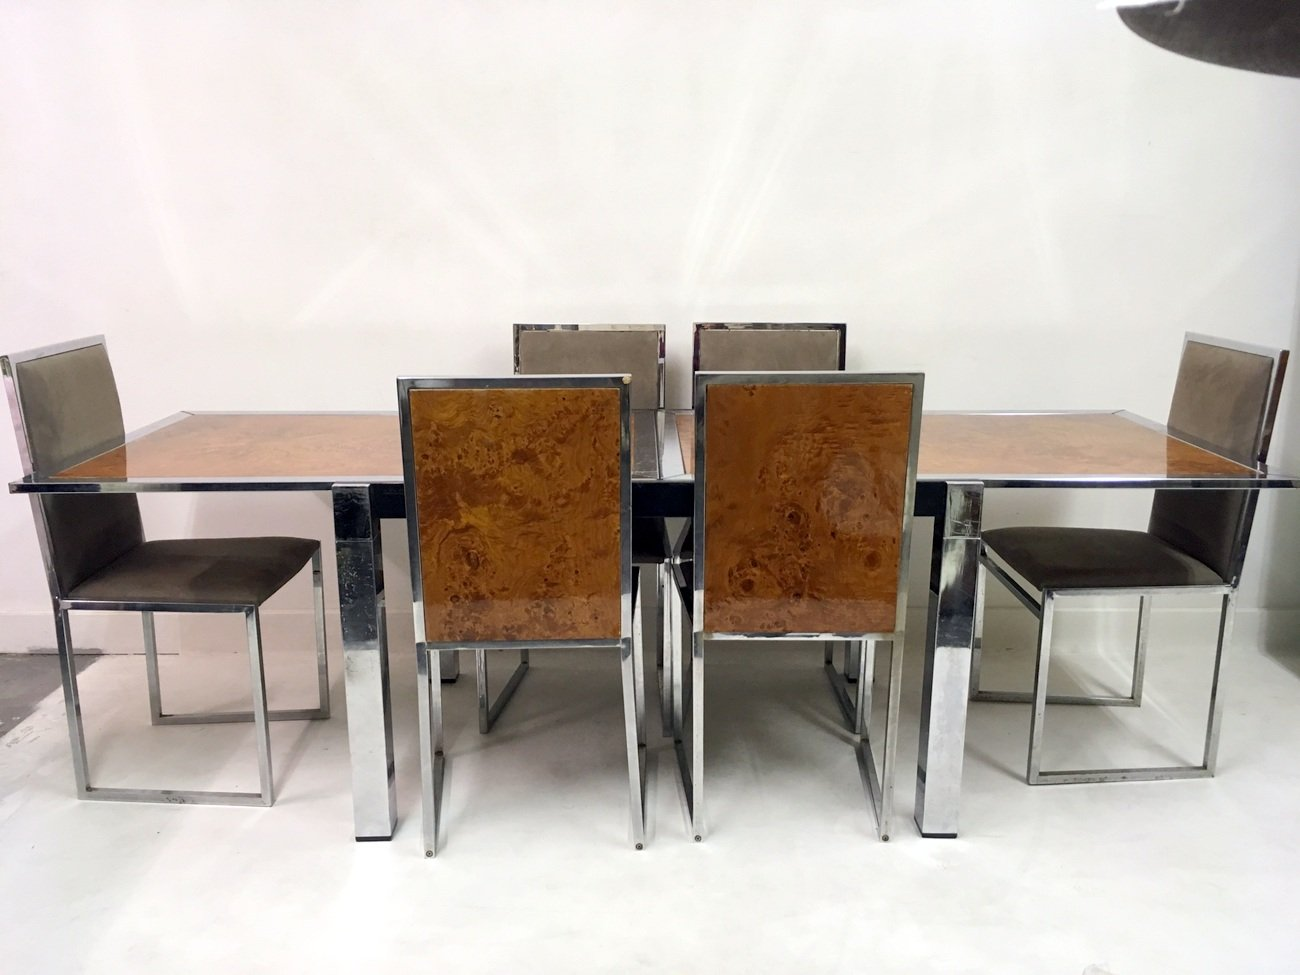 italienischer wurzel nussholz esstisch und st hle von la metal arredo 1970er bei pamono kaufen. Black Bedroom Furniture Sets. Home Design Ideas